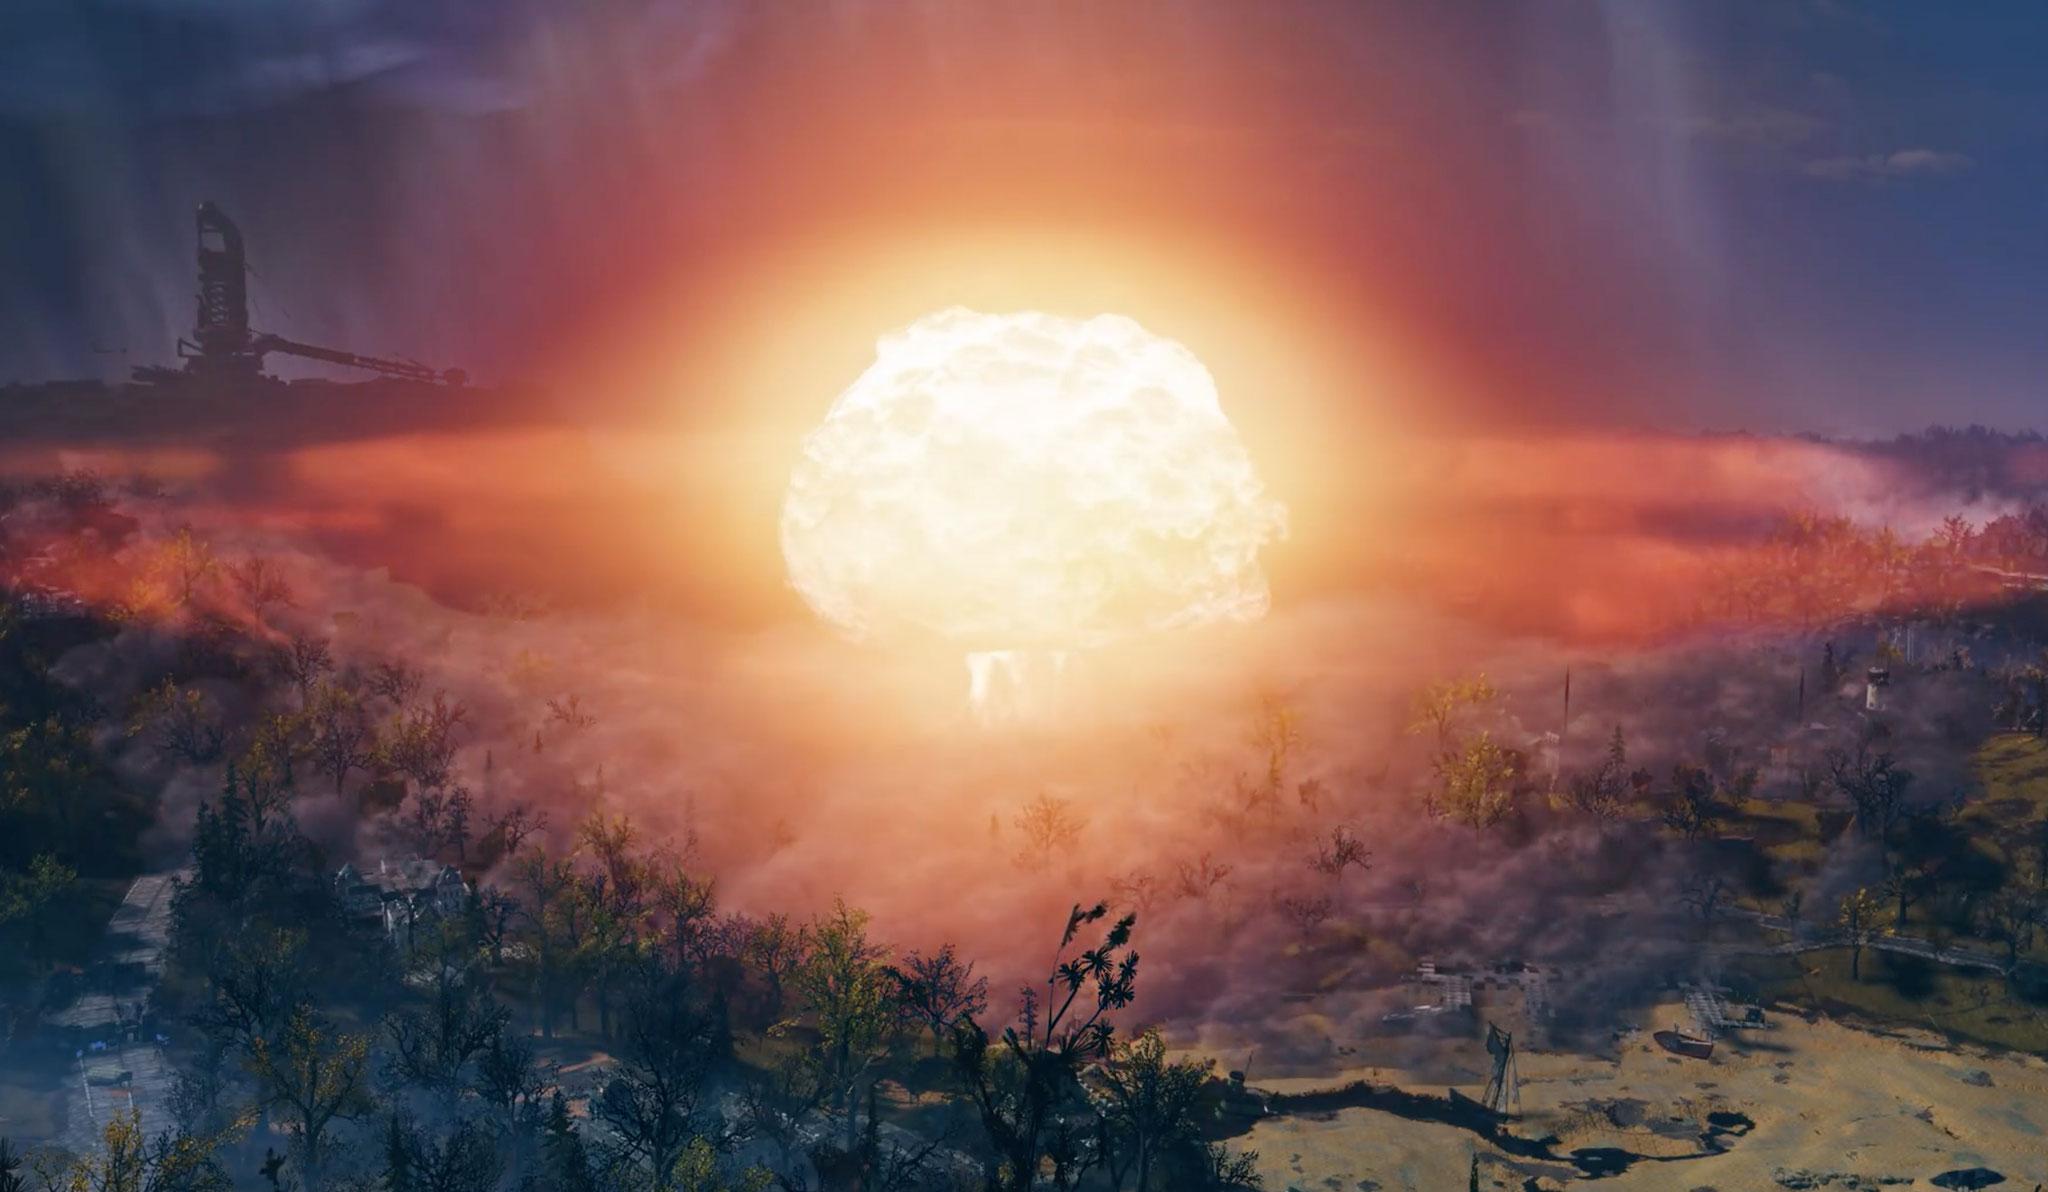 """Sprengung kolossalen Ausmaßes: In """"Fallout 76""""lassen sich weite Landstriche des Virginia-Wastelands mit Atombomben beschießen."""